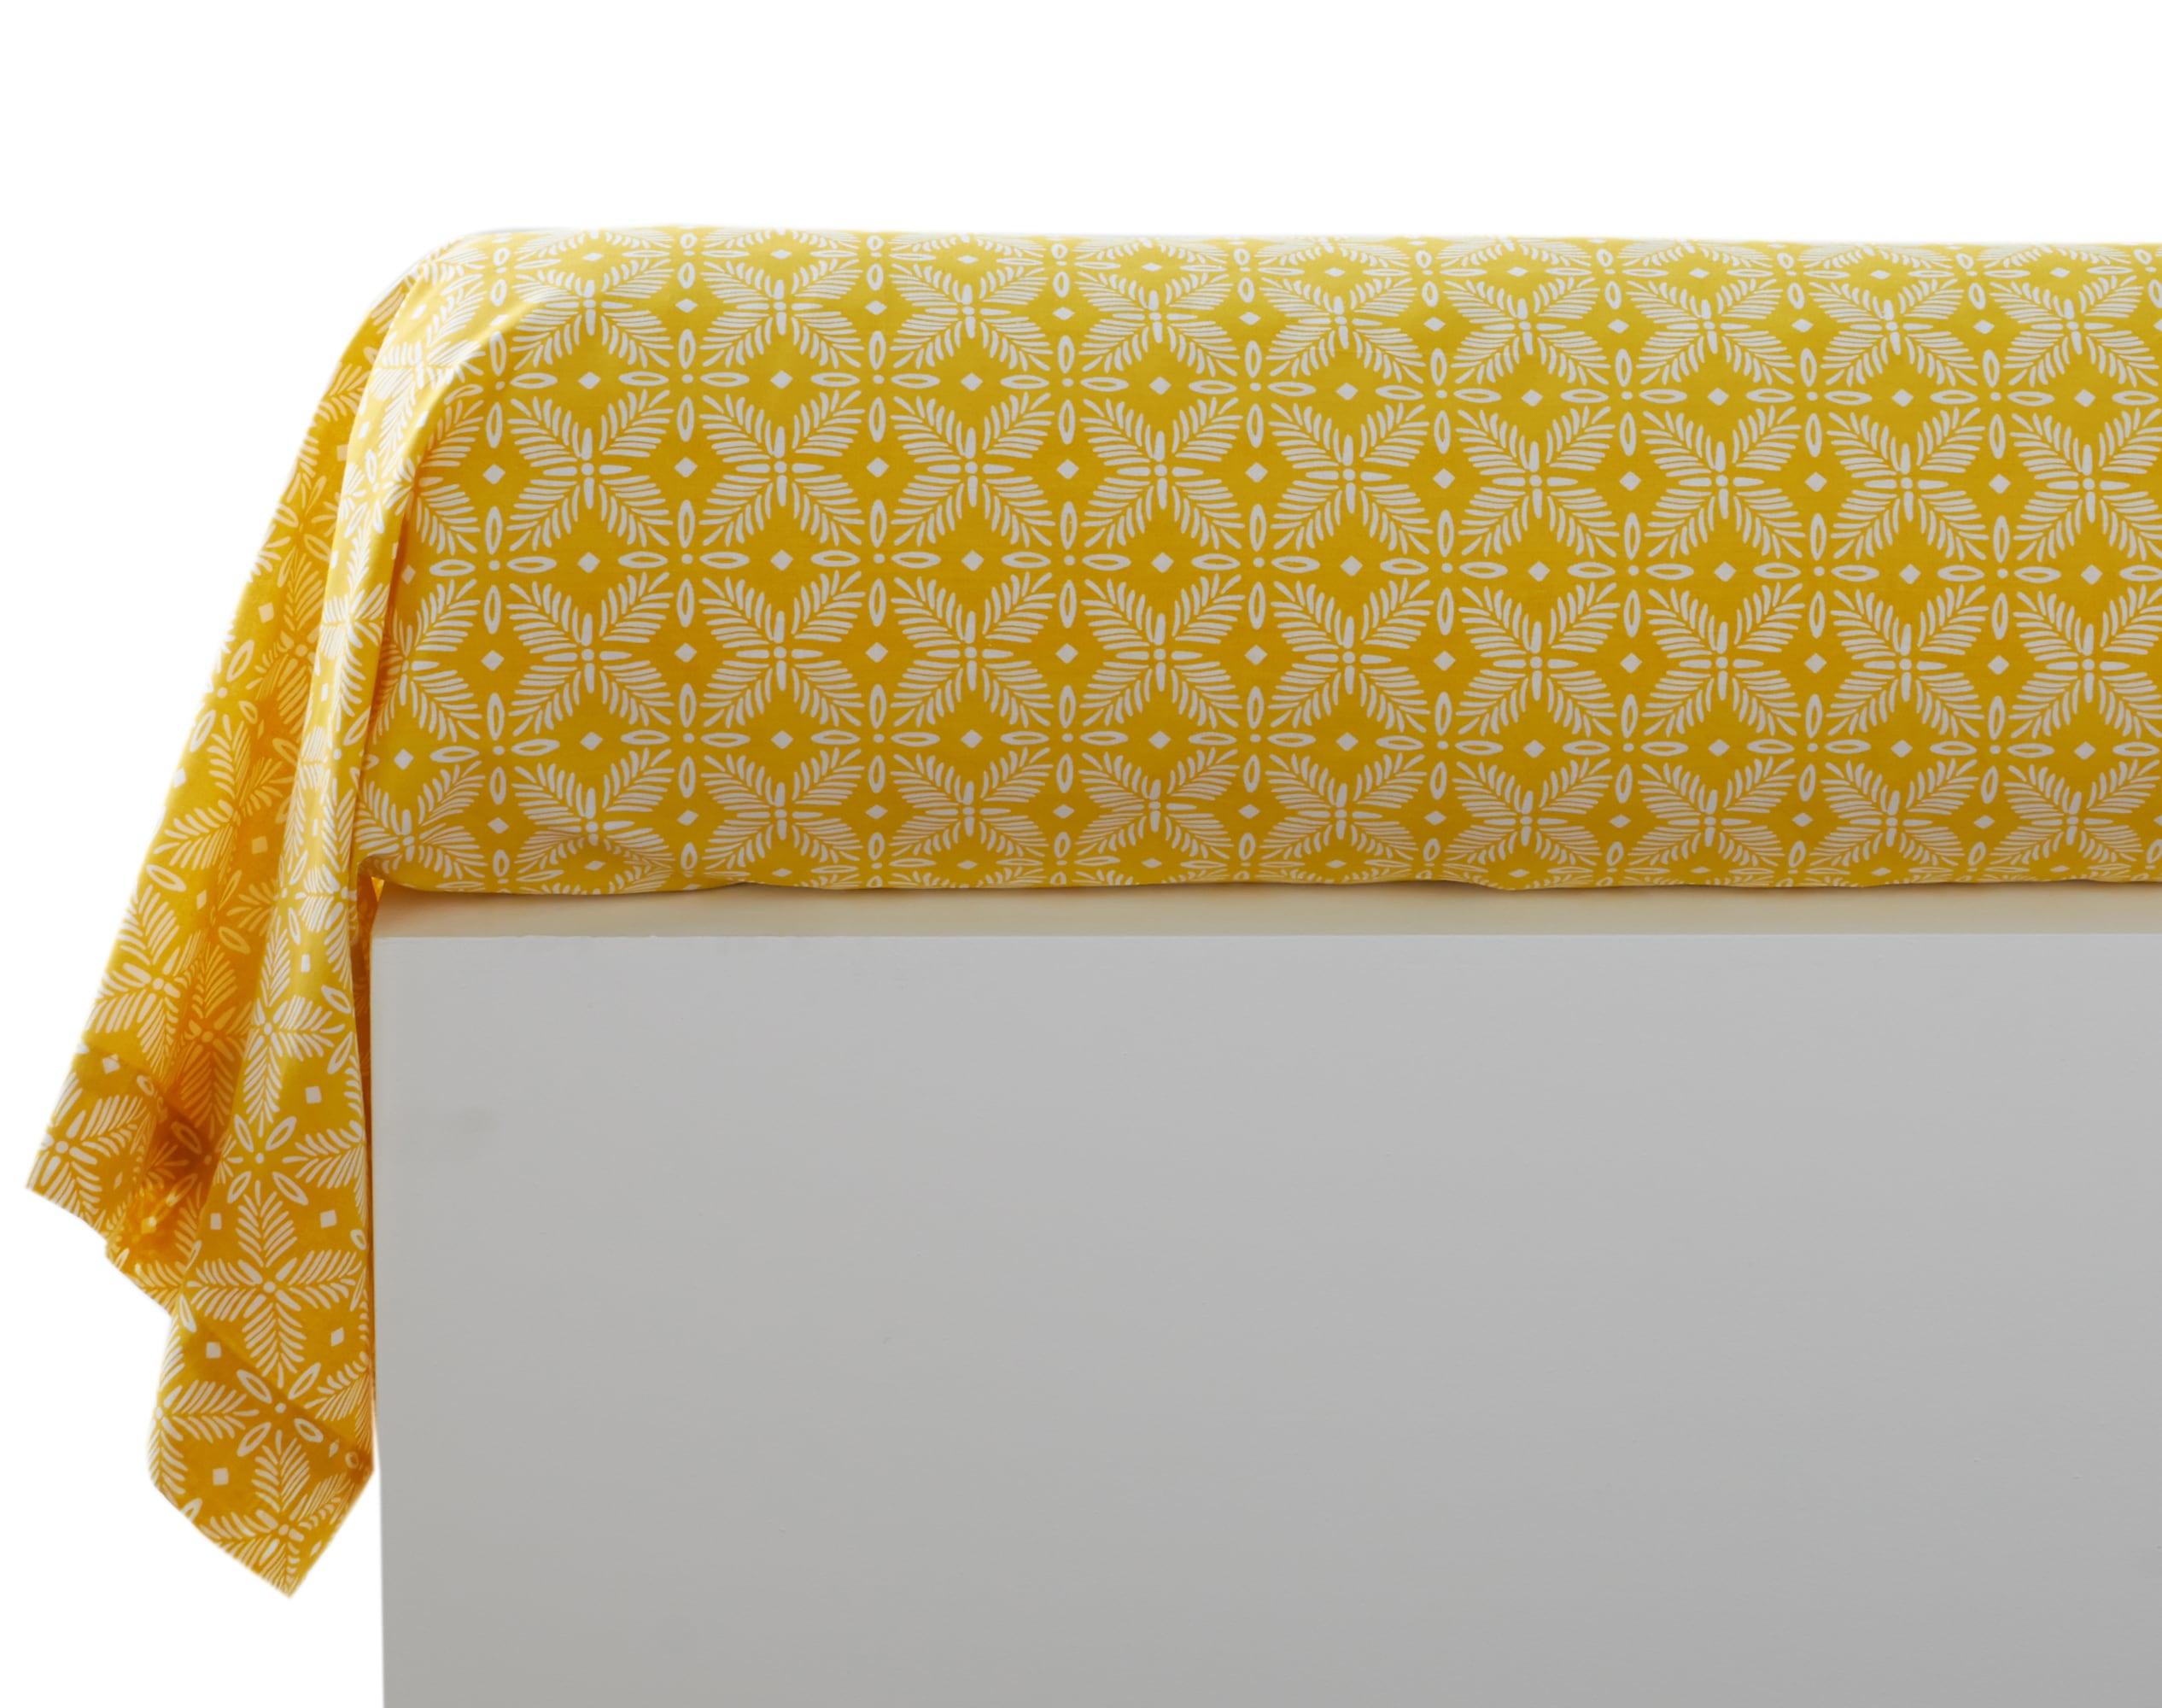 Taie de traversin 43x185 en coton jaune citron